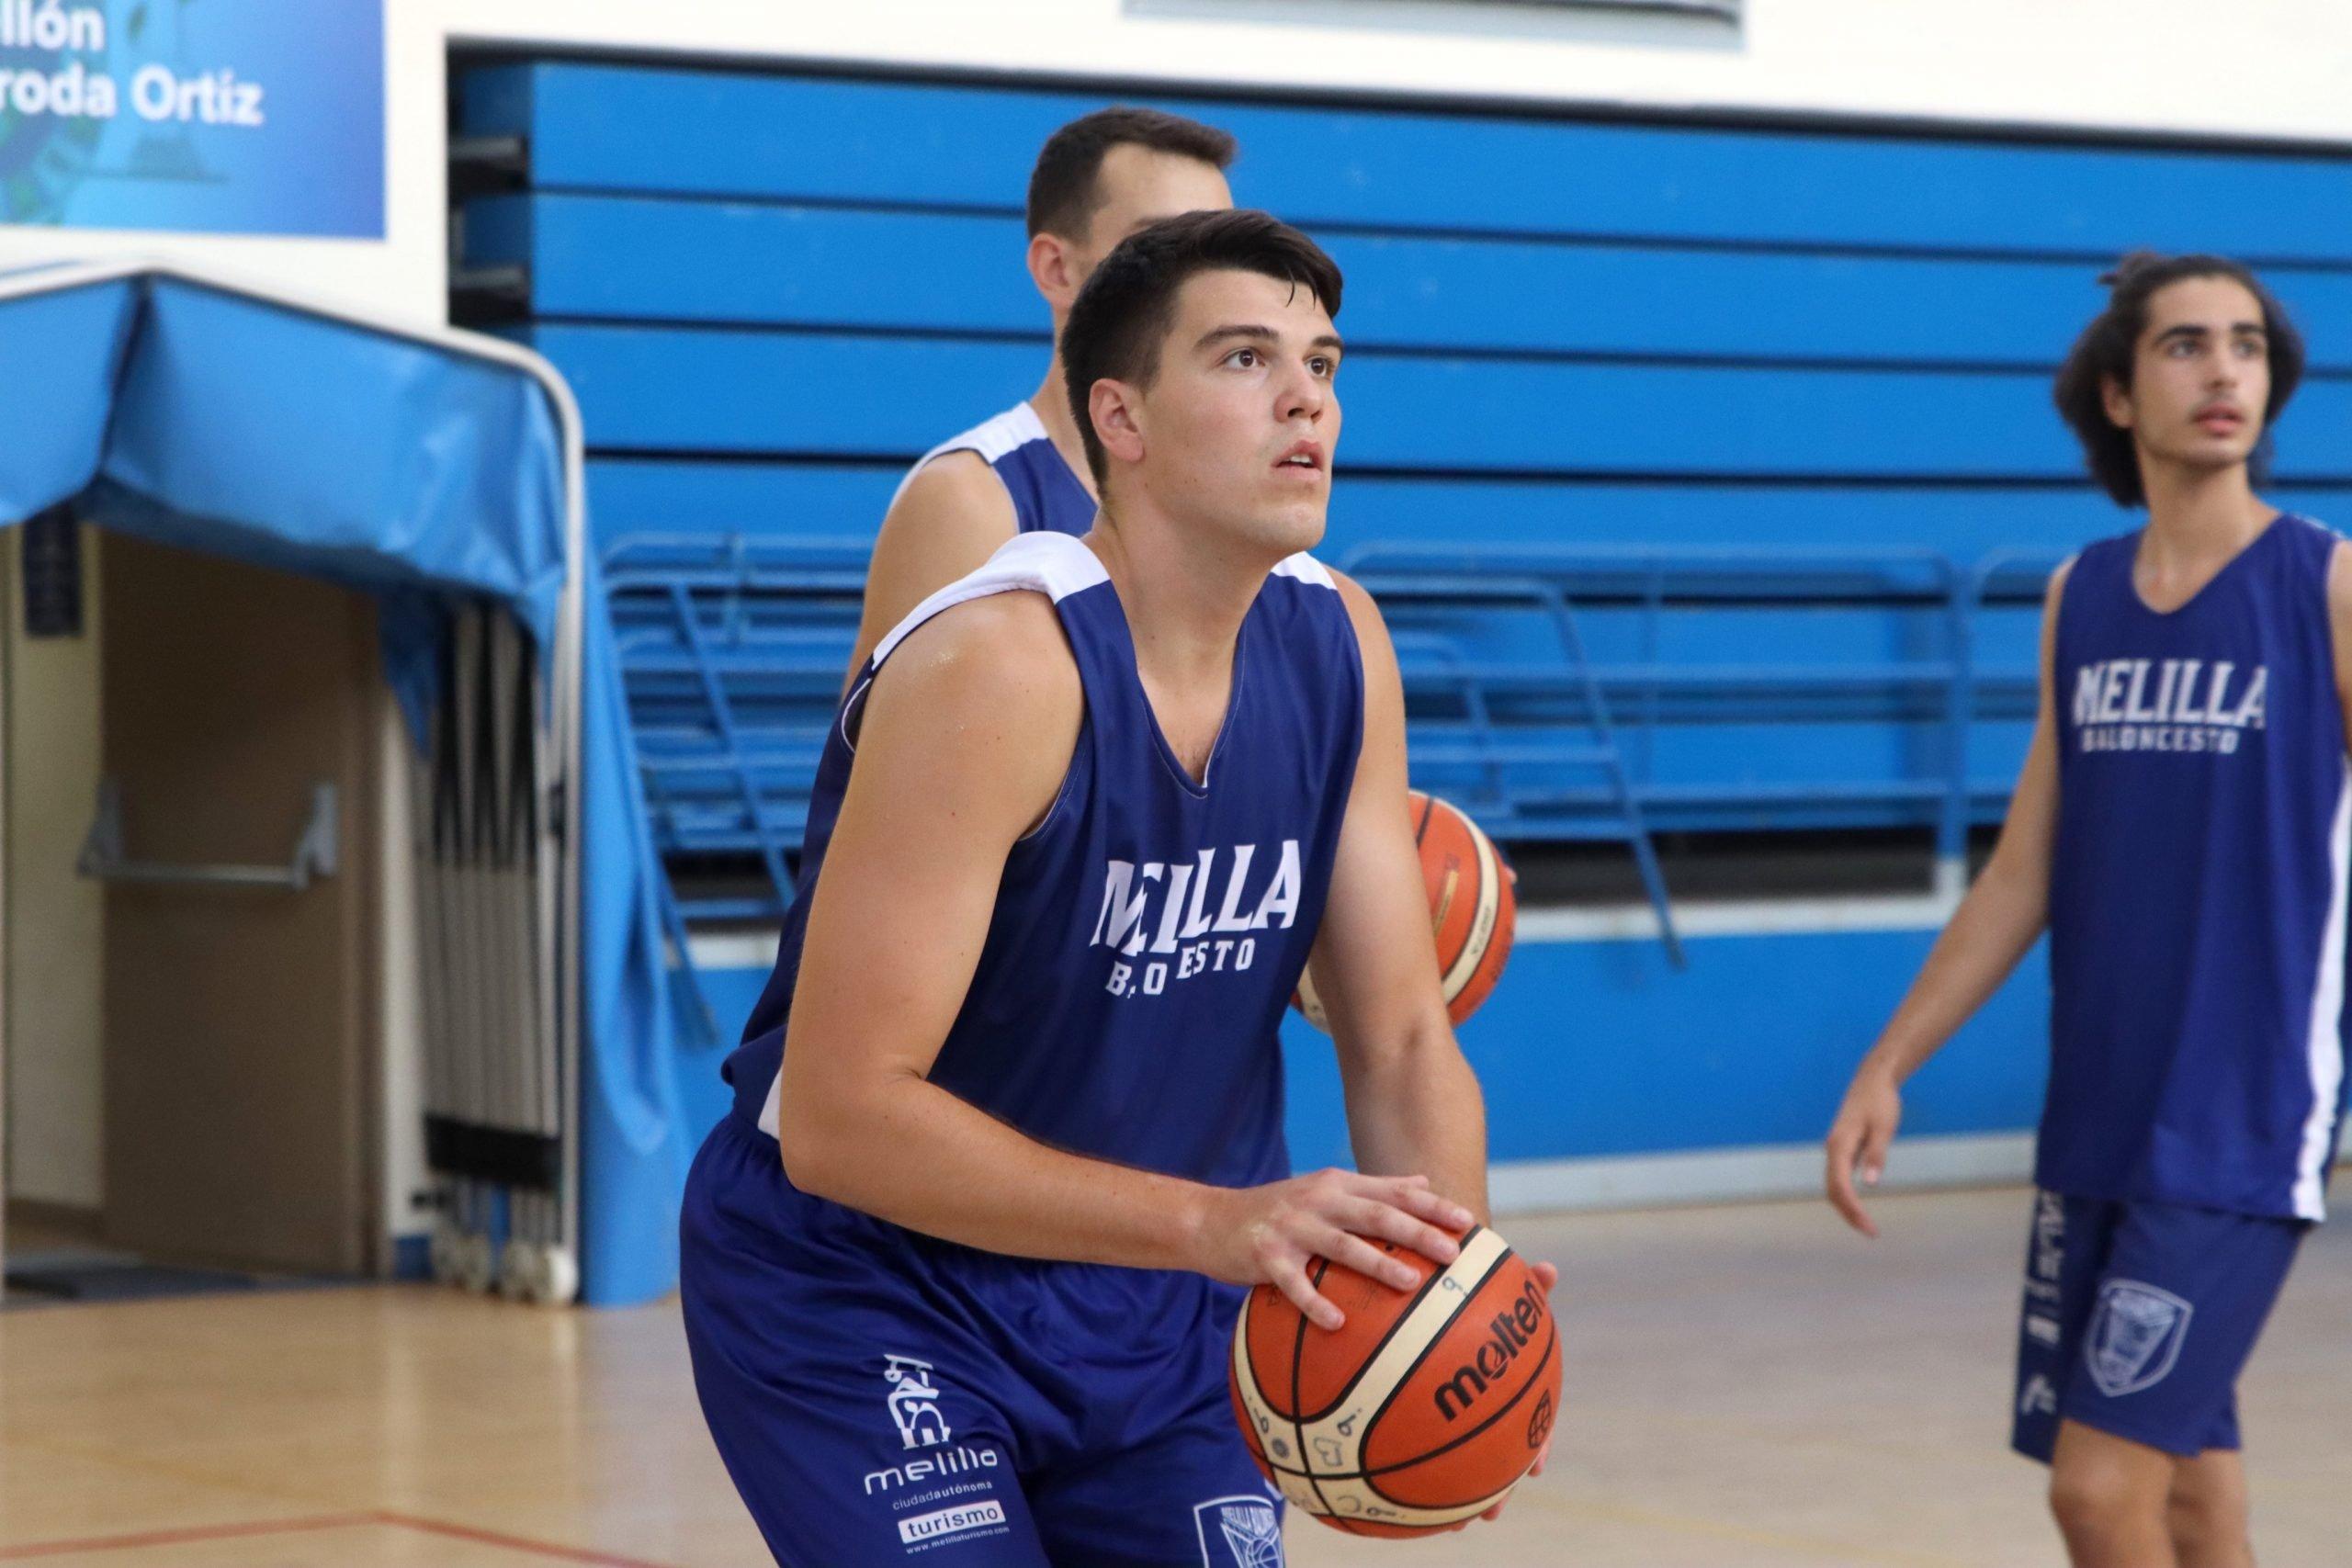 El Melilla Sport Capital, al que se ha incorporado esta temporada el naviego Javi Menéndez, retoma la pretemporada tras los positivos de COVID